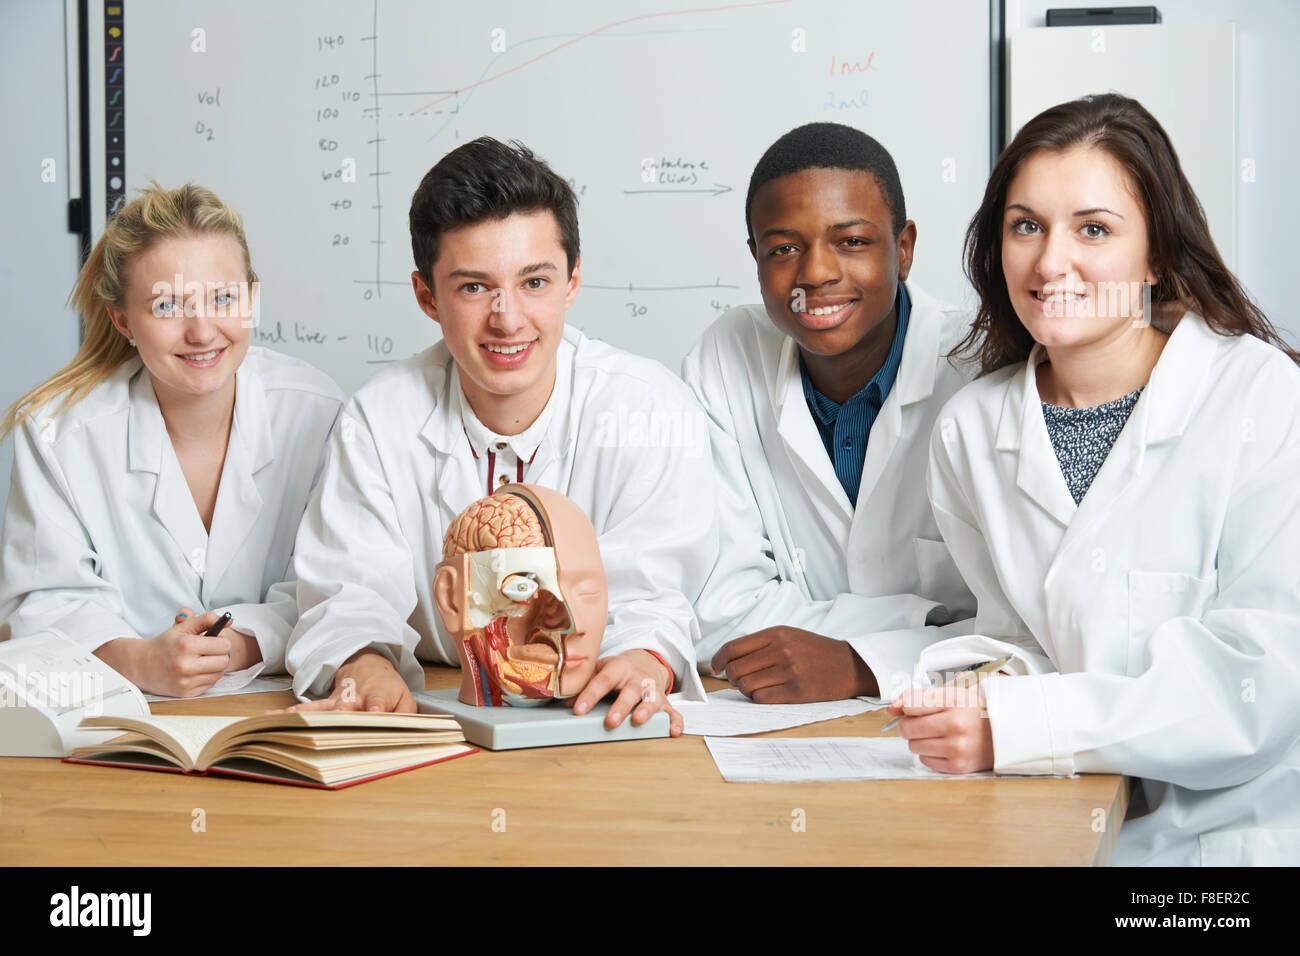 Grupo de estudiantes en clase de biología Imagen De Stock